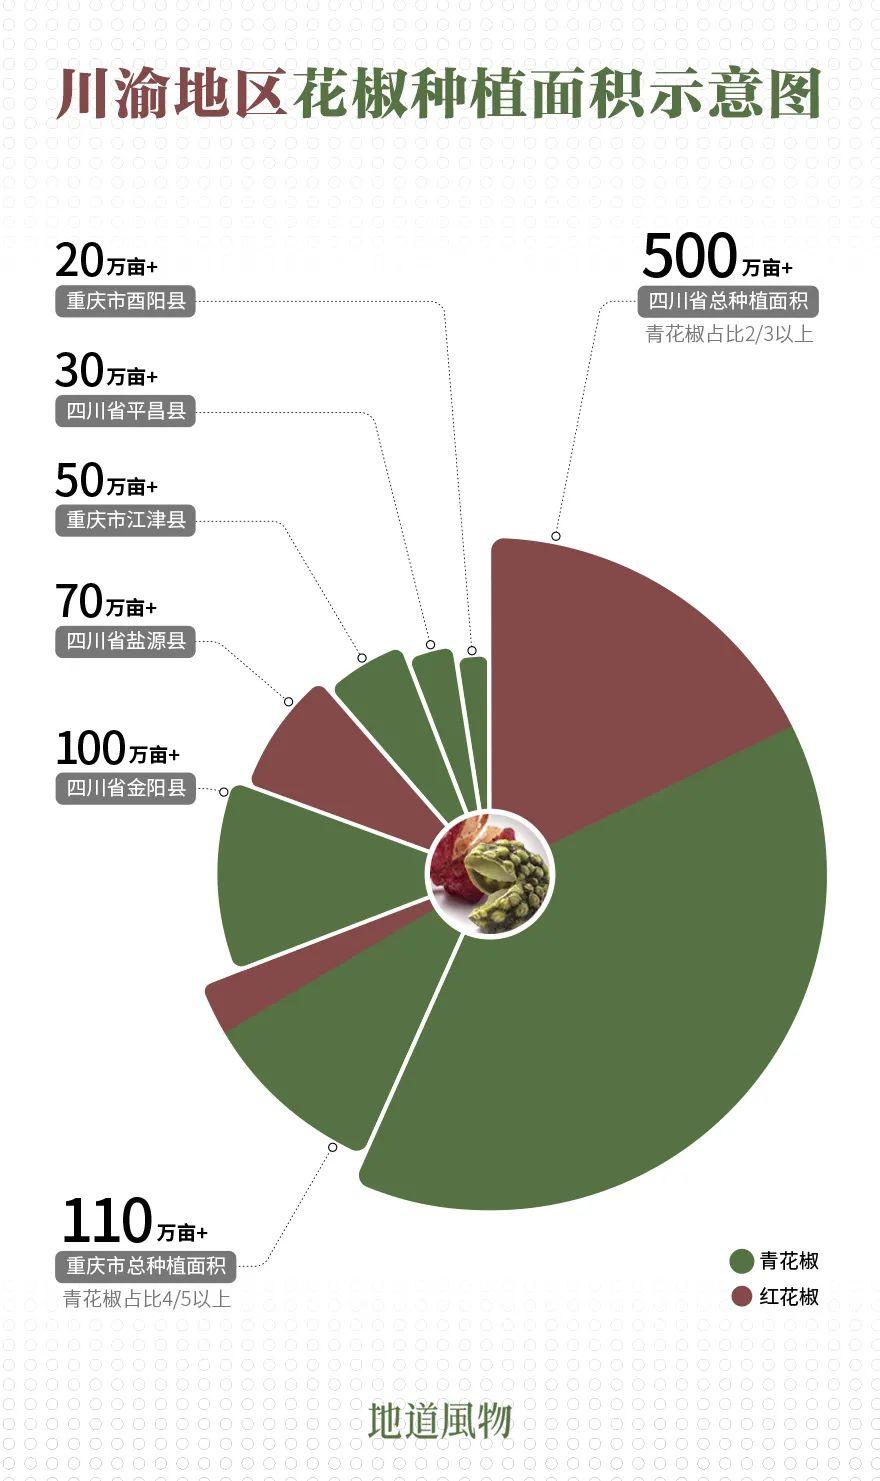 ▲ 青花椒成名虽晚,但种植面积早已超过红花椒。制图/刘航